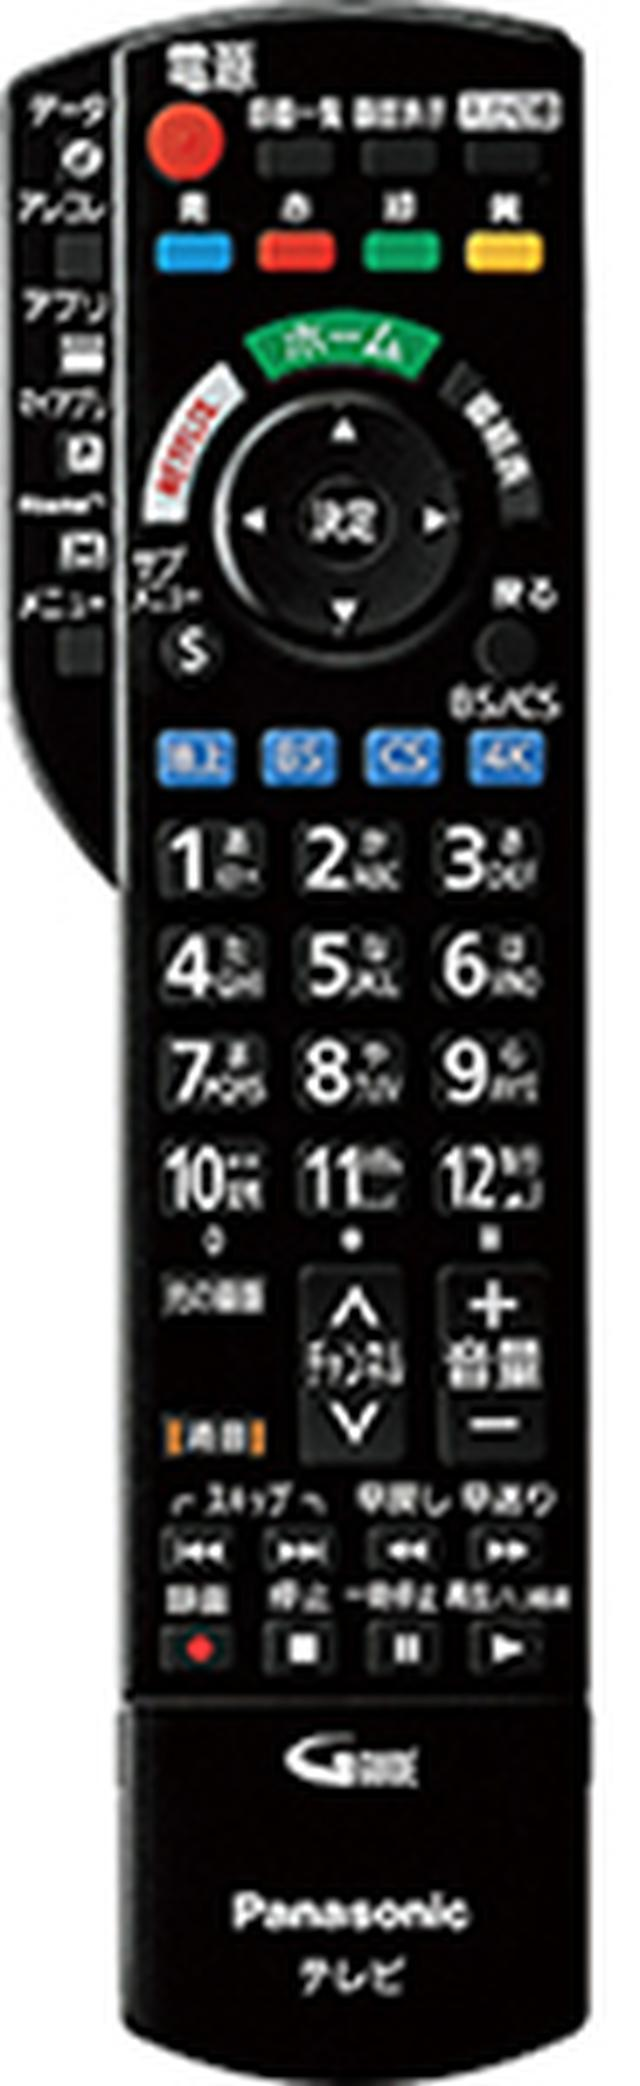 画像: 「アレコレボタン」を押すと、放送や録画番組などが一覧表示され、検索が可能だ。チャンネル切り替えも素早い。